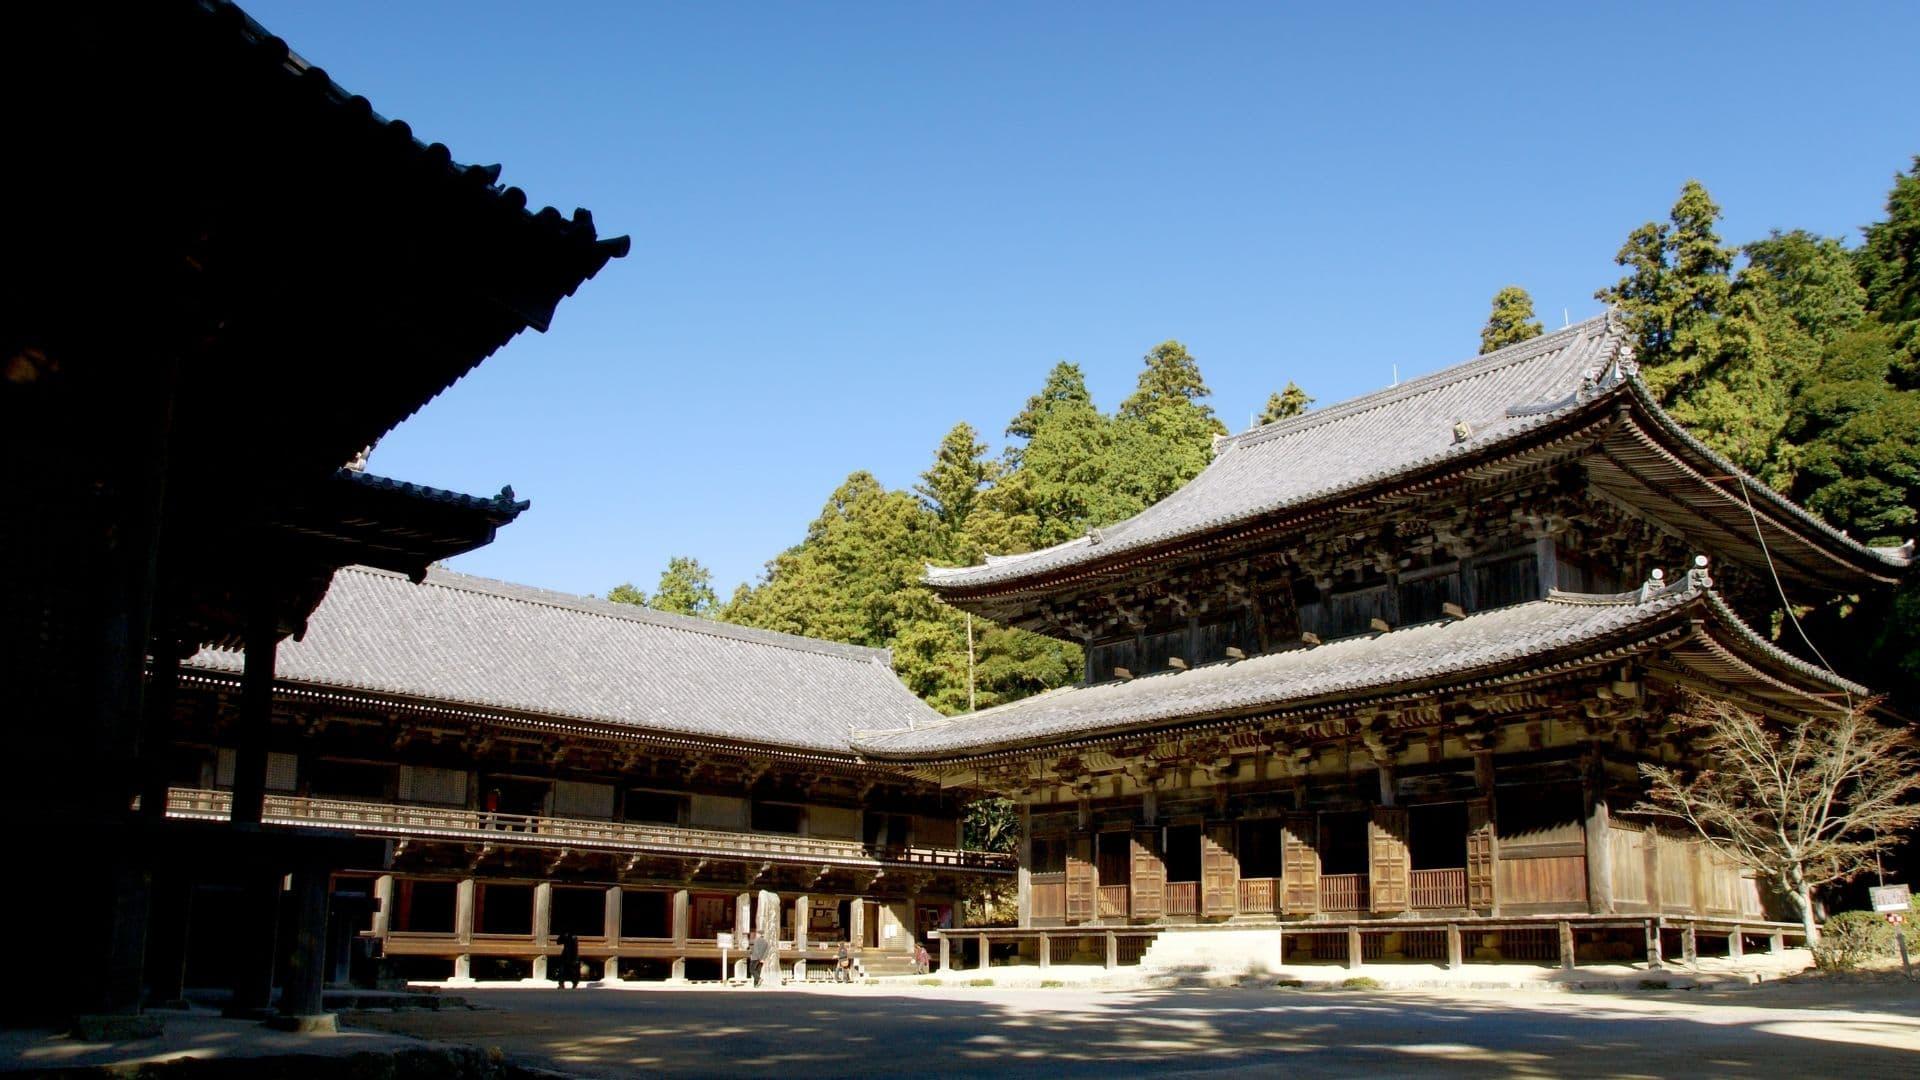 el Templo Shoshazan Engyo-ji, en Himeji, Japón, y la película El últimosamurái.